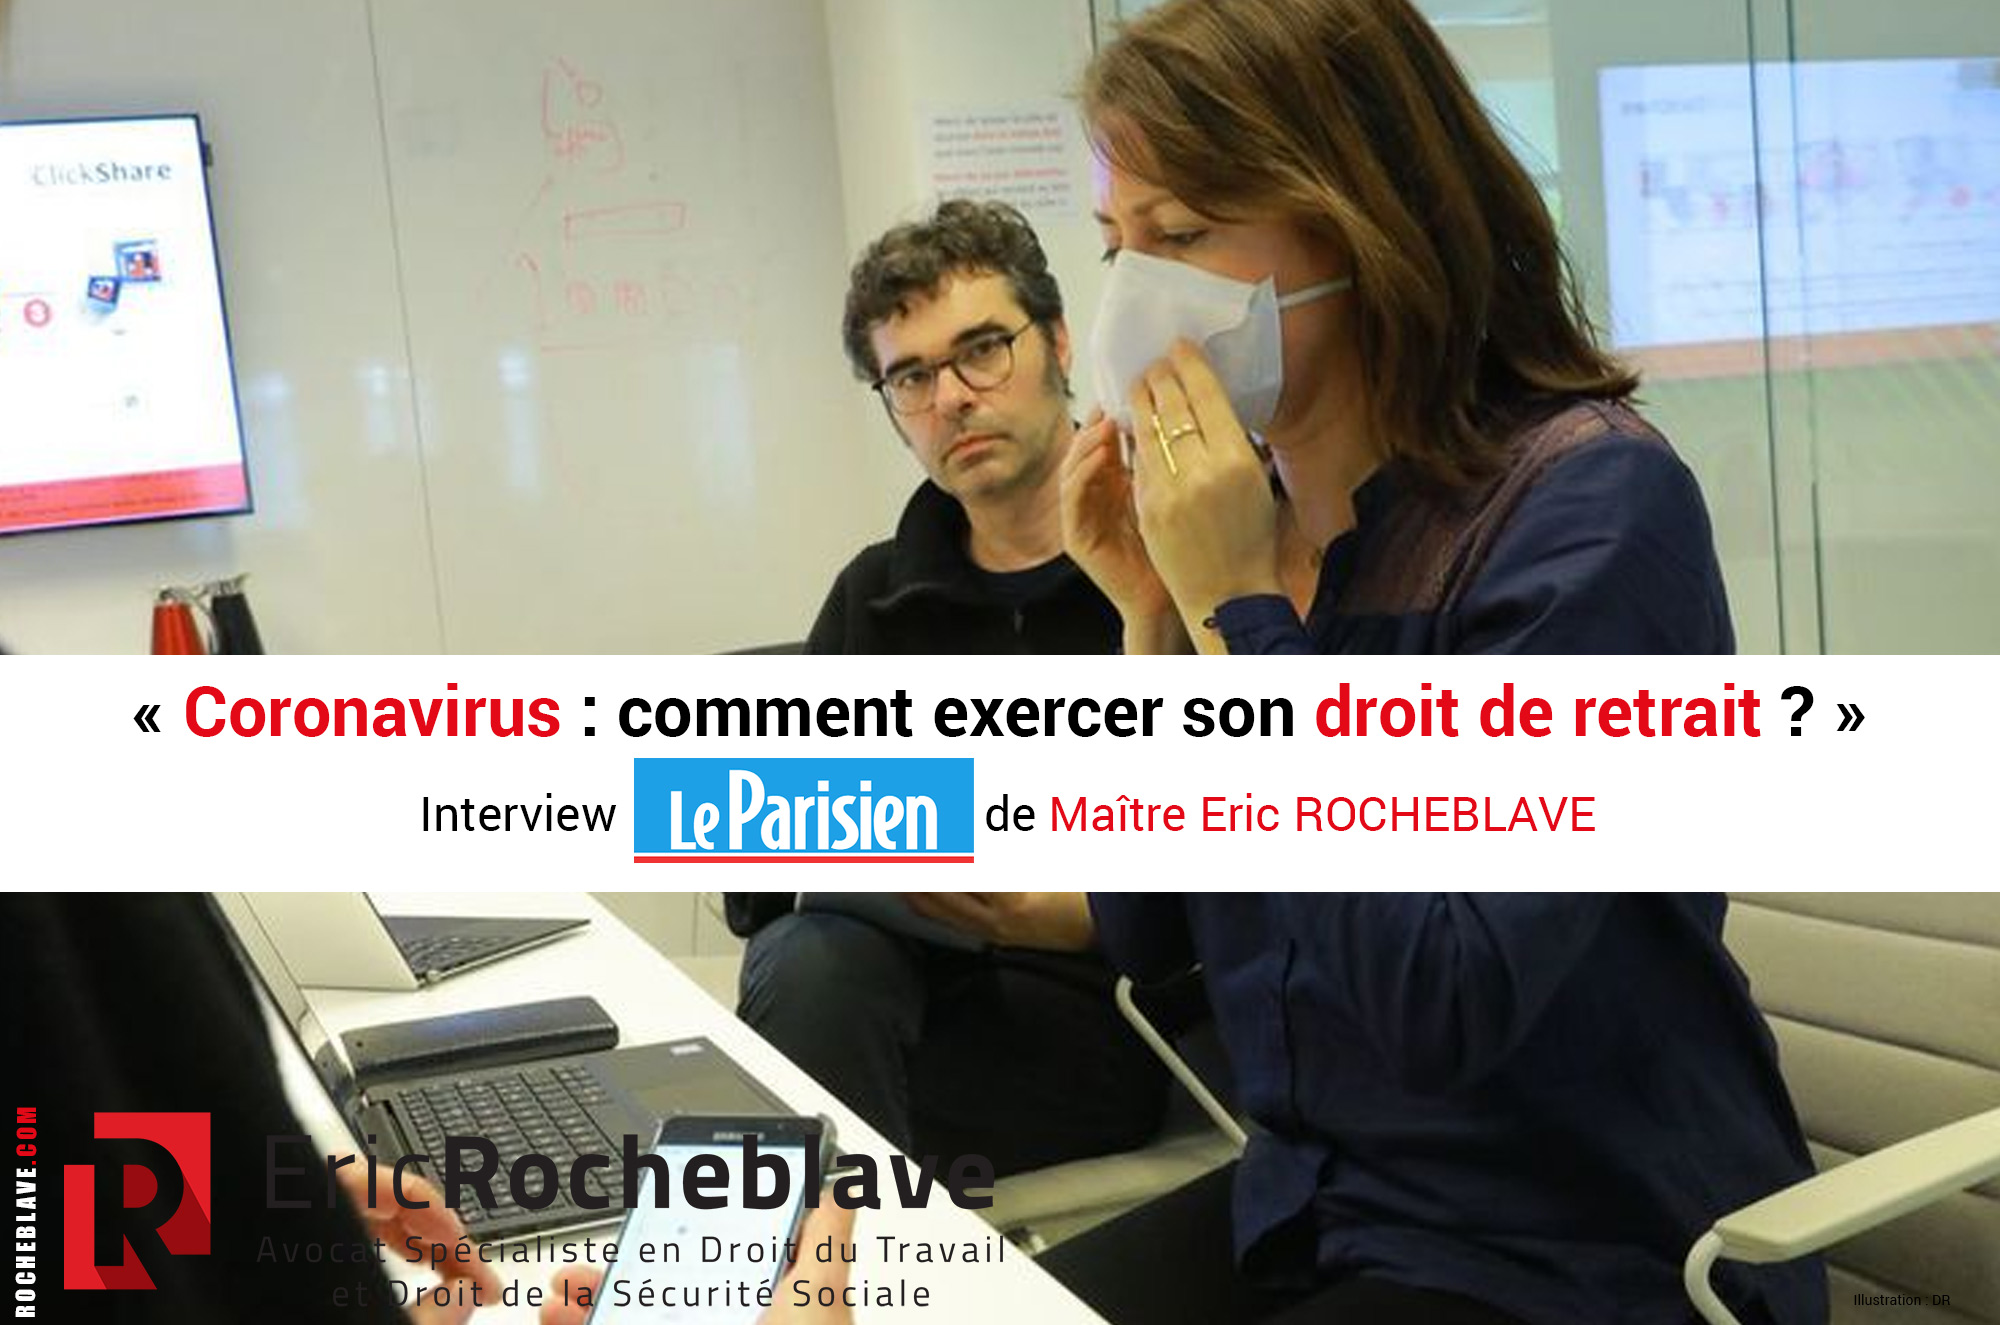 « Coronavirus : comment exercer son droit de retrait ? » Interview Le Parisien de Maître Eric ROCHEBLAVE